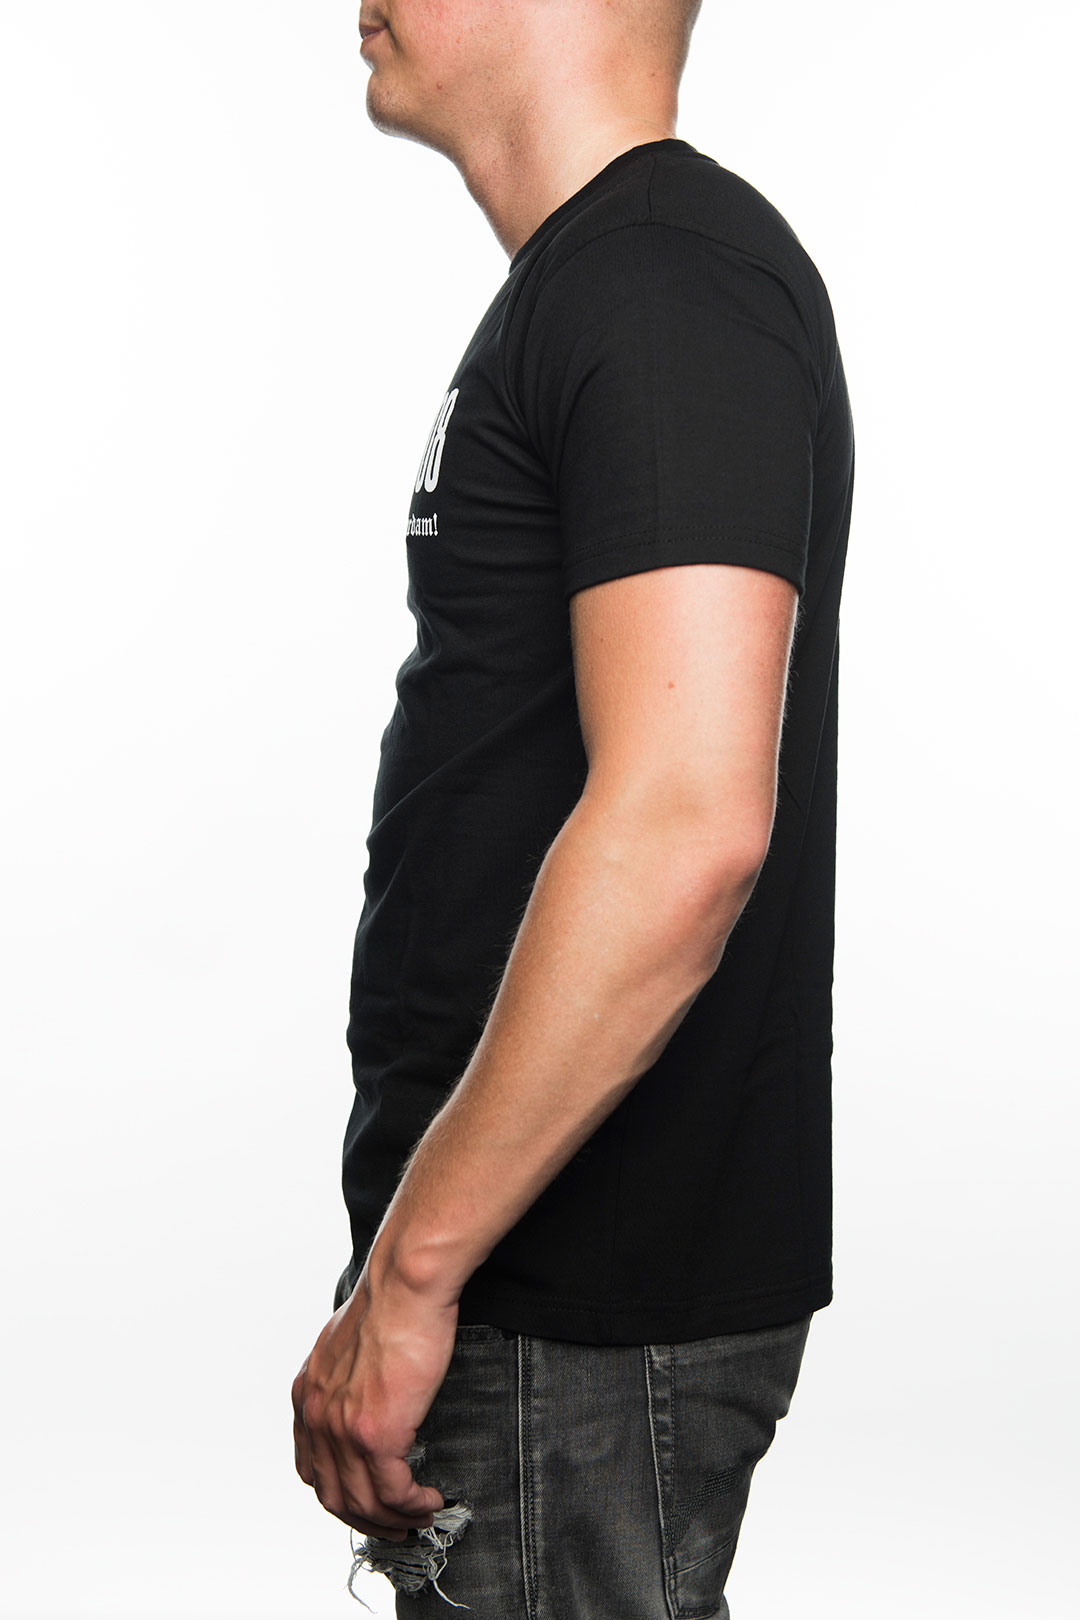 T-Shirt FRFC1908 Bulldog, Zwart